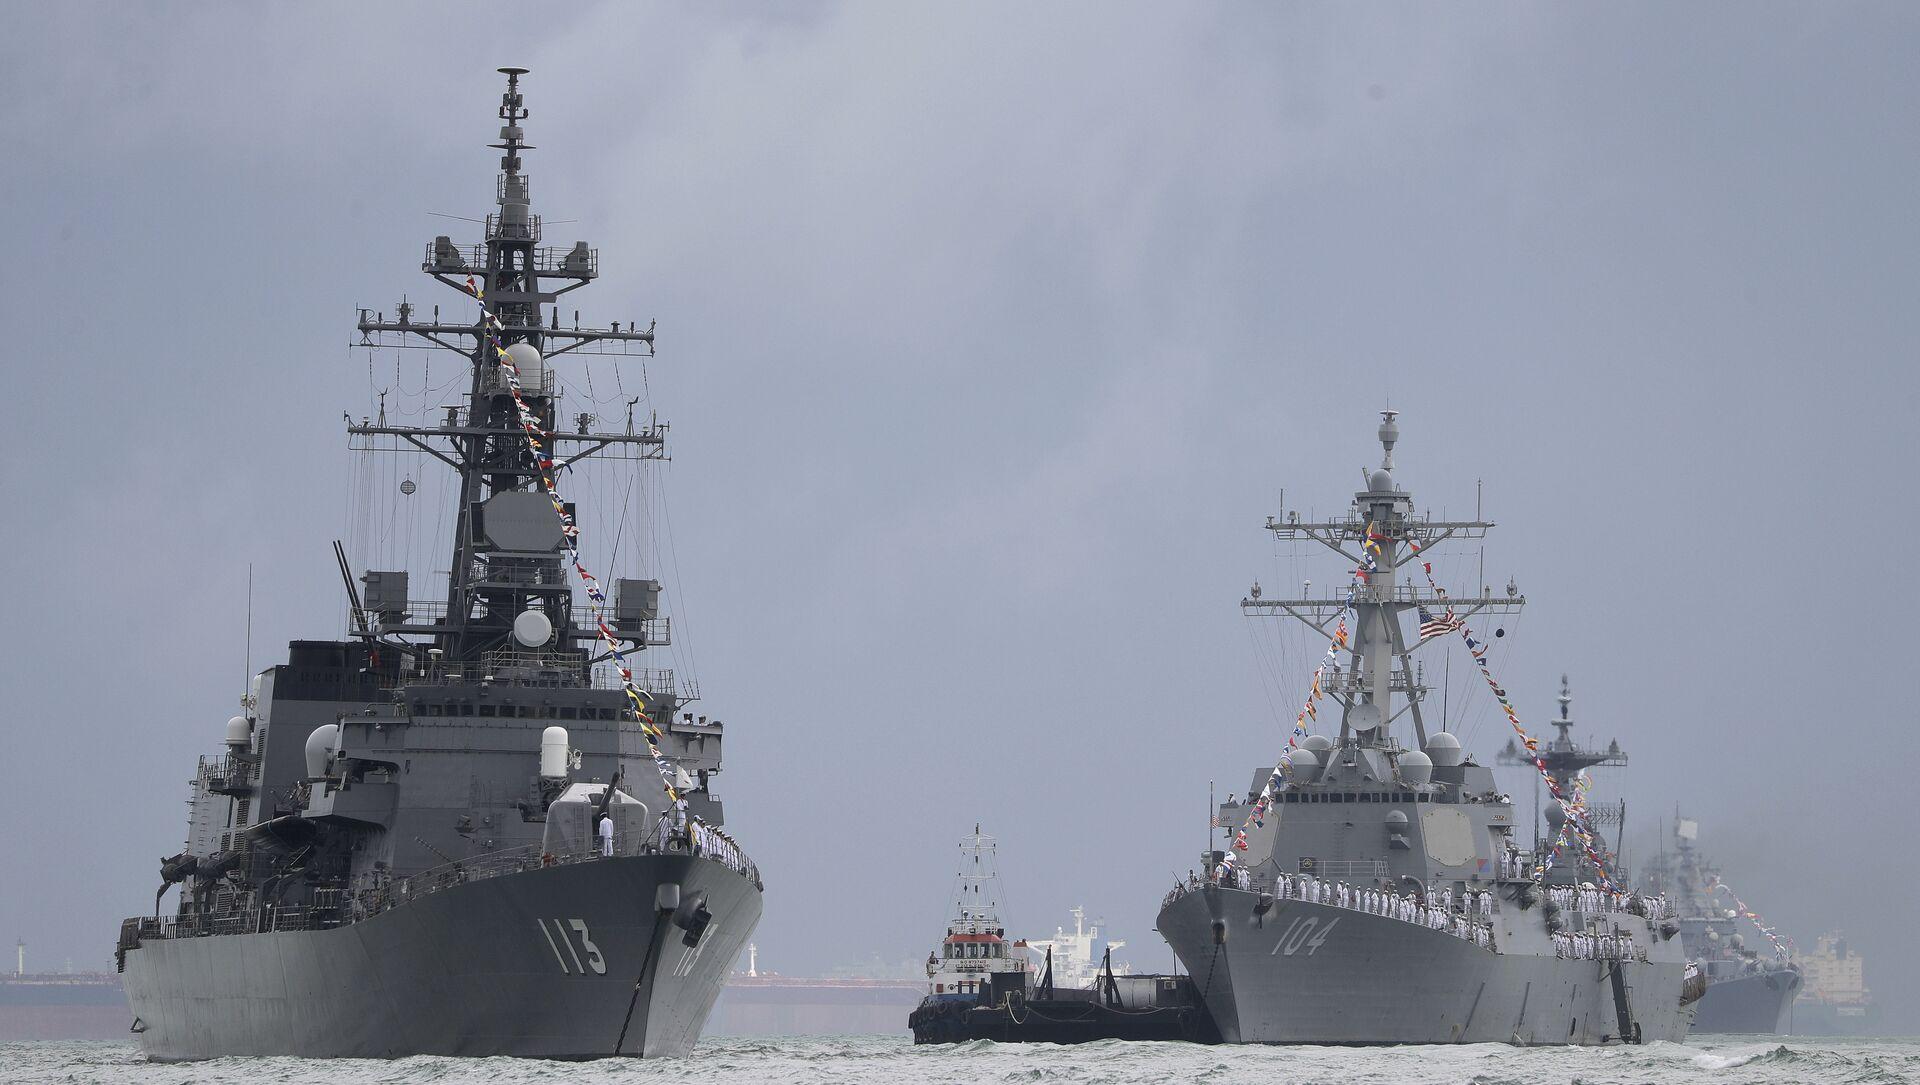 Japan's destroyer JS Sazanami, left, the United State's Arleigh Burke-class guided missile destroyer USS Sterett, center, and South Korean destroyer ROKS Dae Jo Yeong, right rear. - Sputnik International, 1920, 05.08.2021